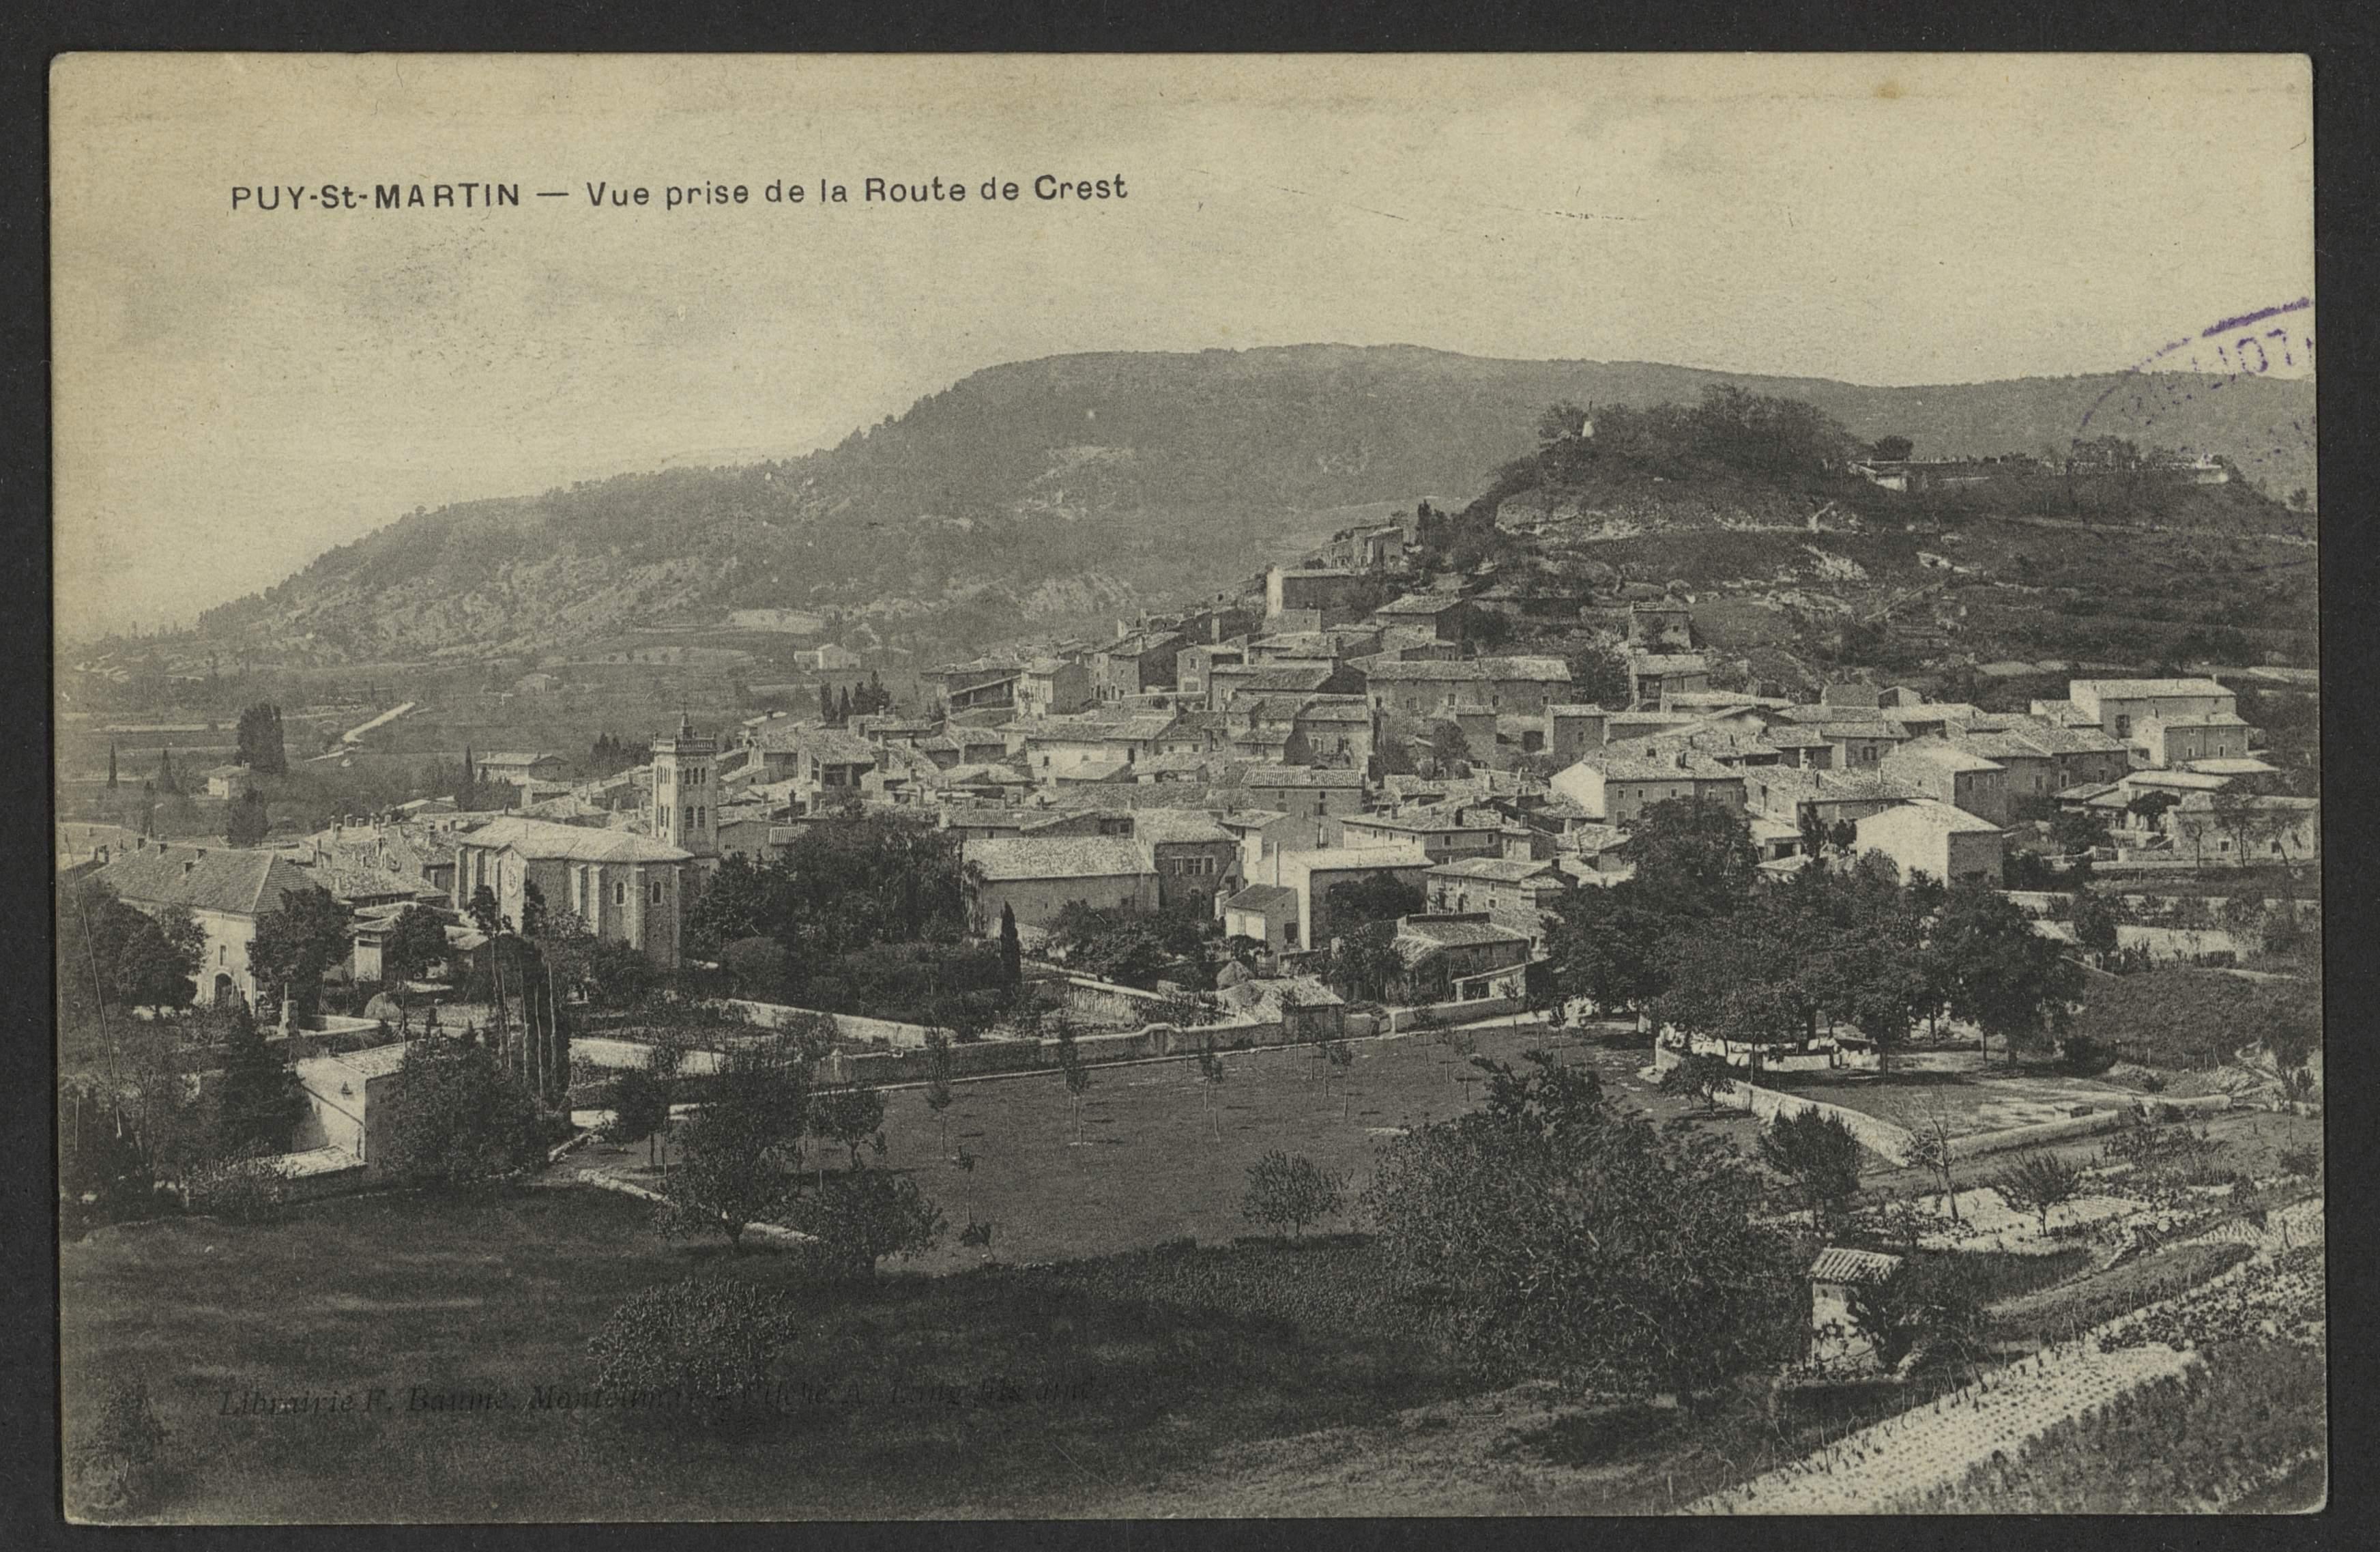 Puy-St-Martin - Vue prise de la route de Crest